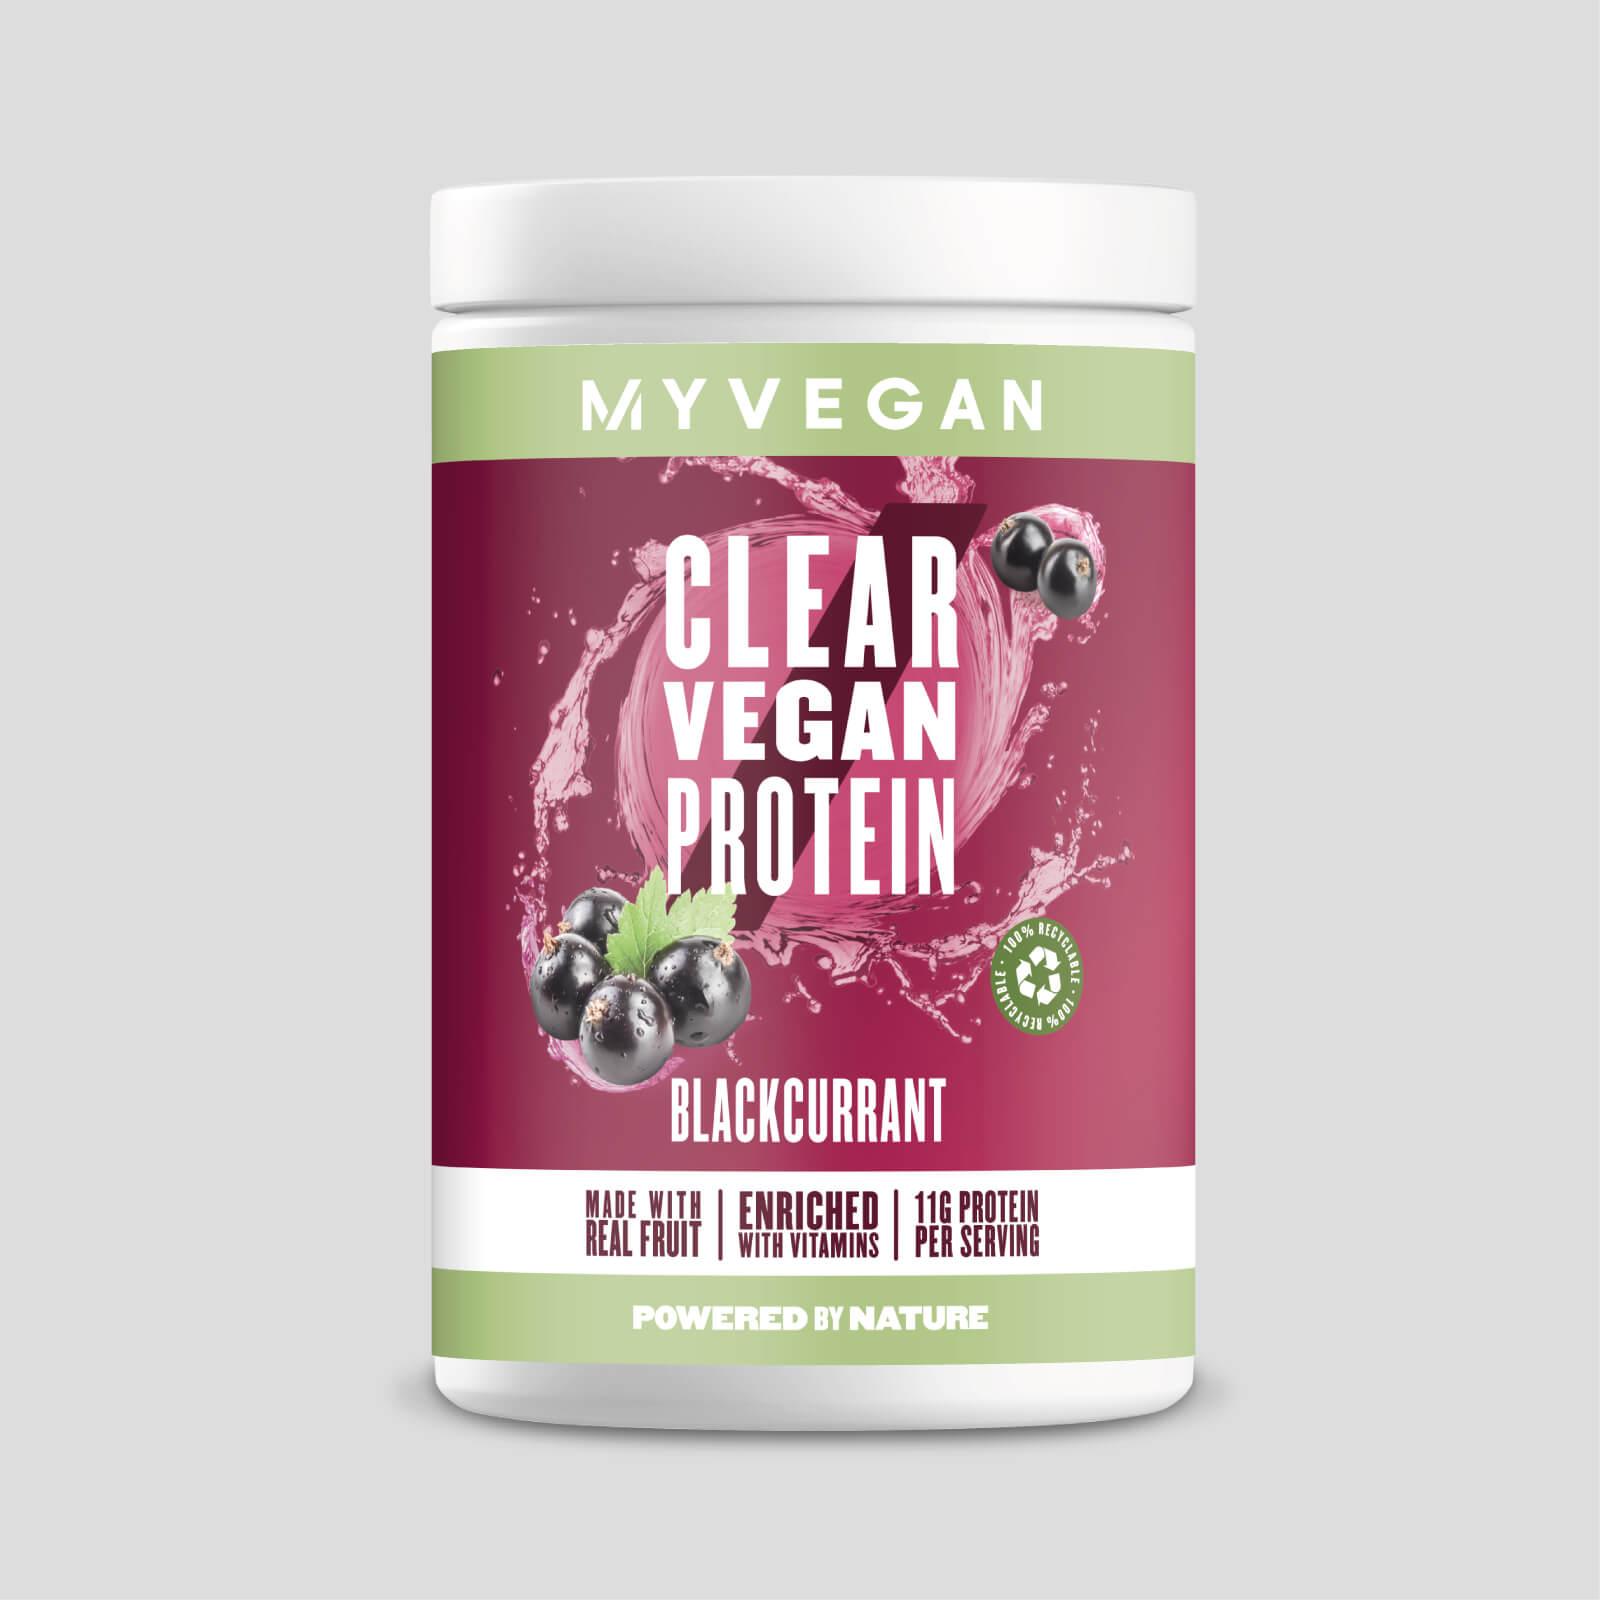 Myvegan Clear Vegan Protein - 20servings - Cassis